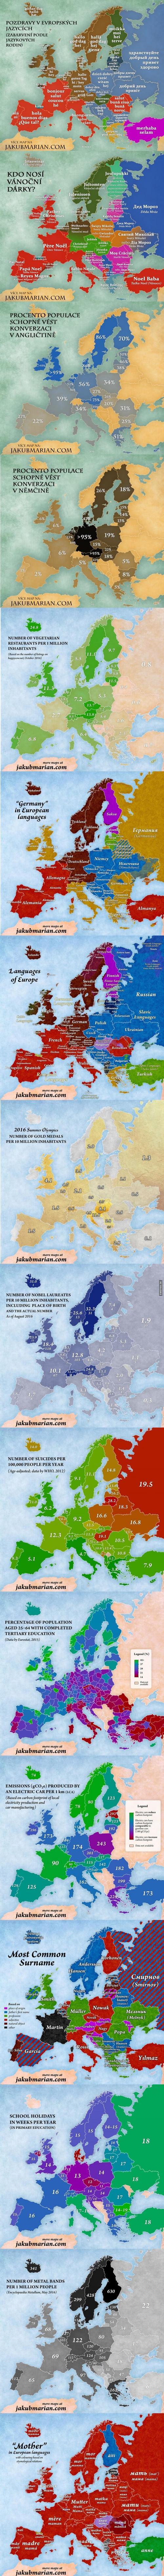 16 zajímavých map Evropy